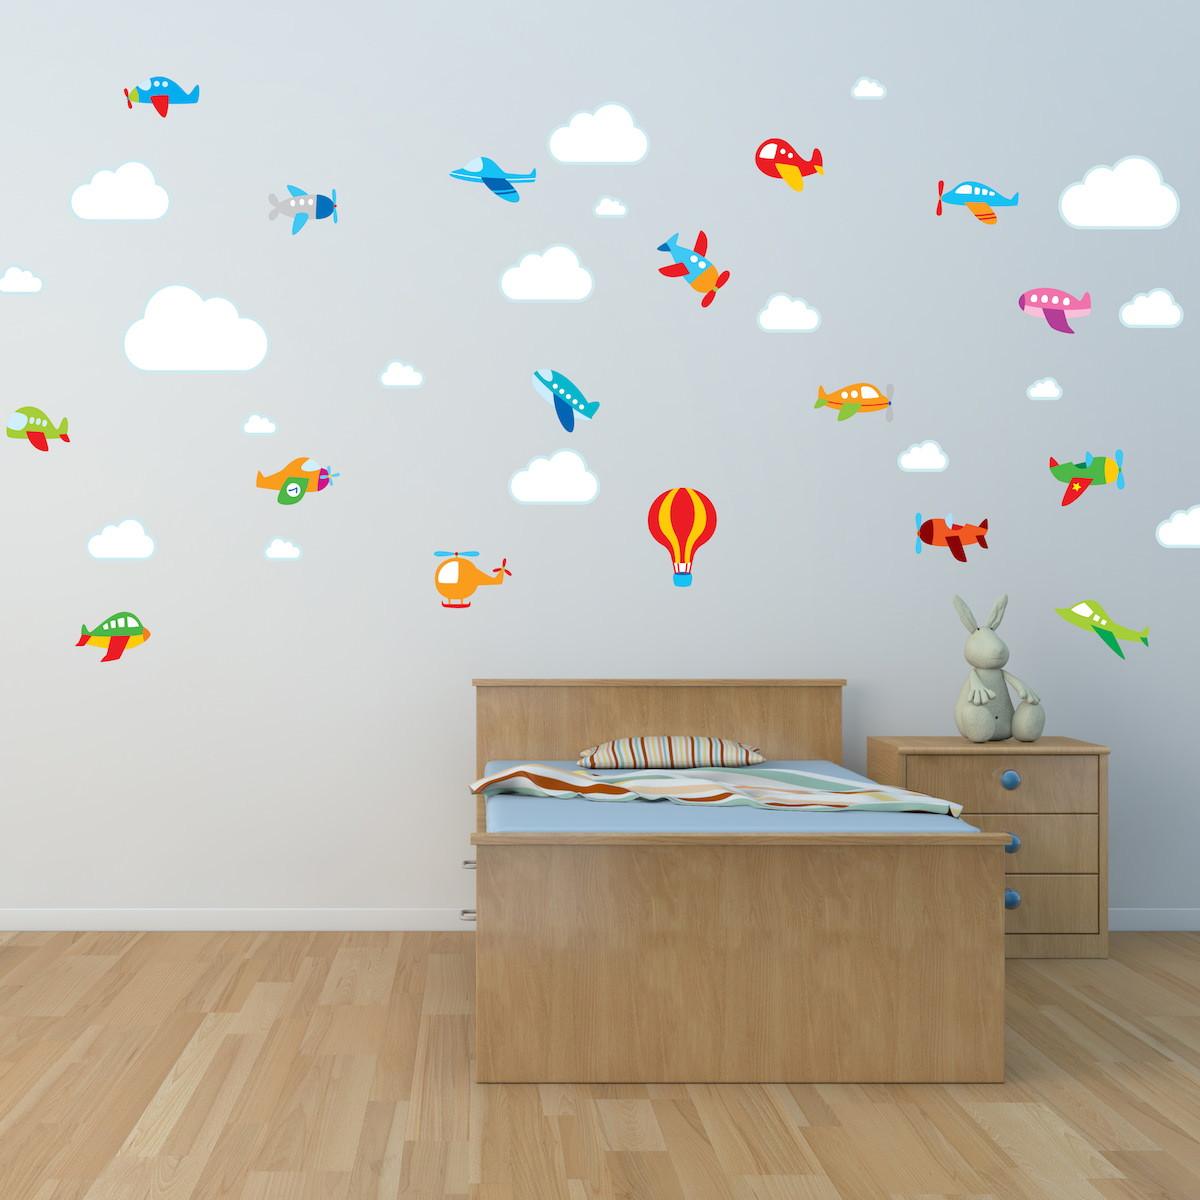 Adesivo de Parede Aviões Balão & Nuvens  Quartinhos  Elo7